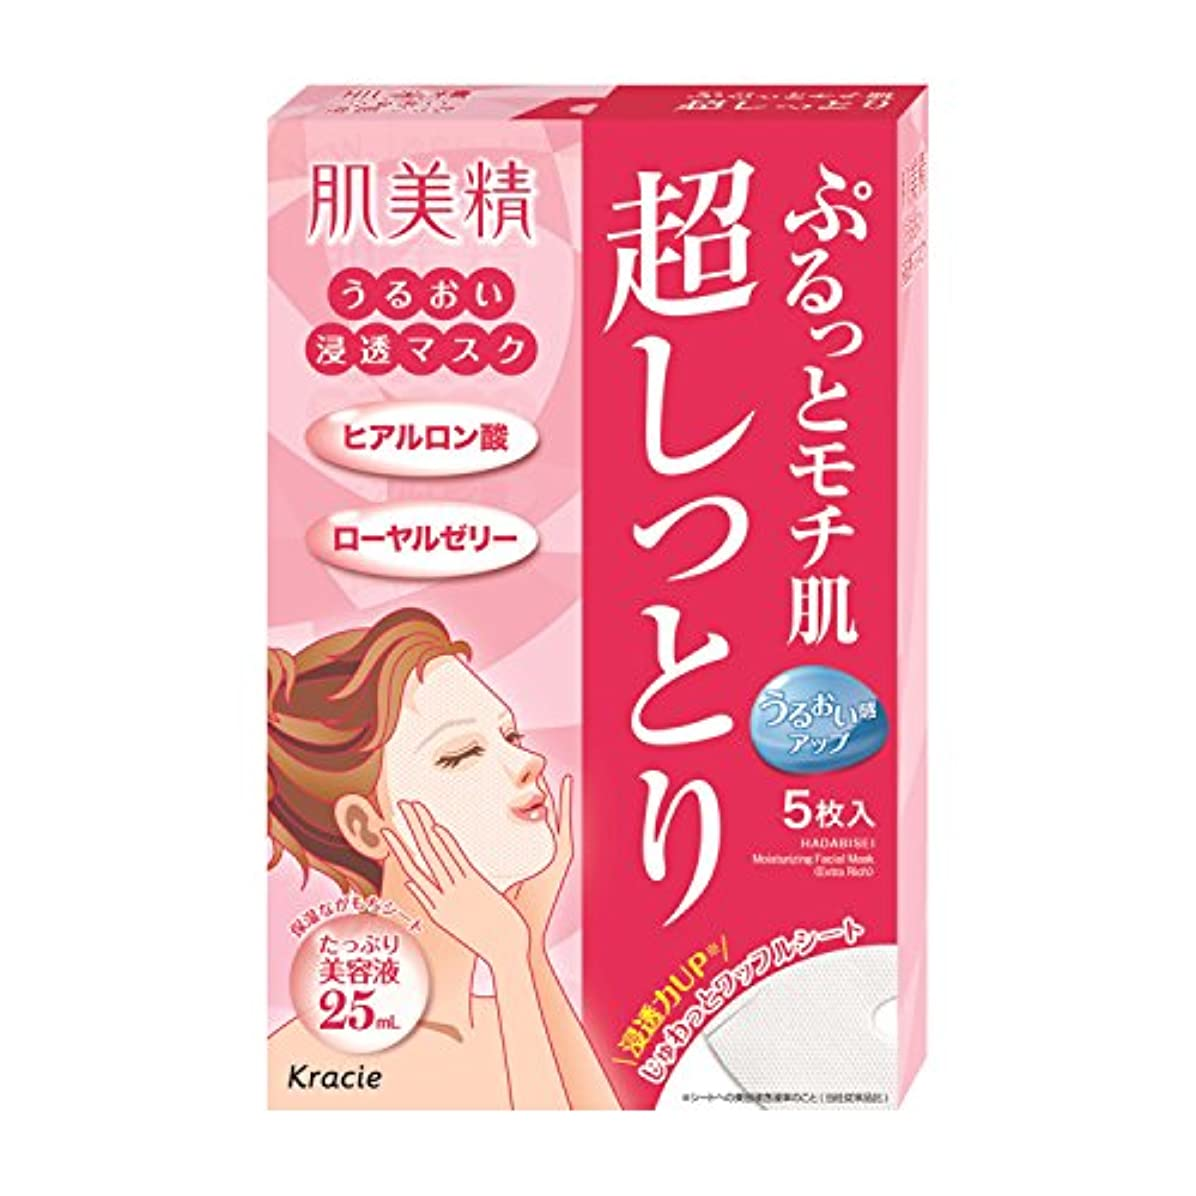 カーフ性交現代の肌美精 うるおい浸透マスク(超しっとり) 5枚